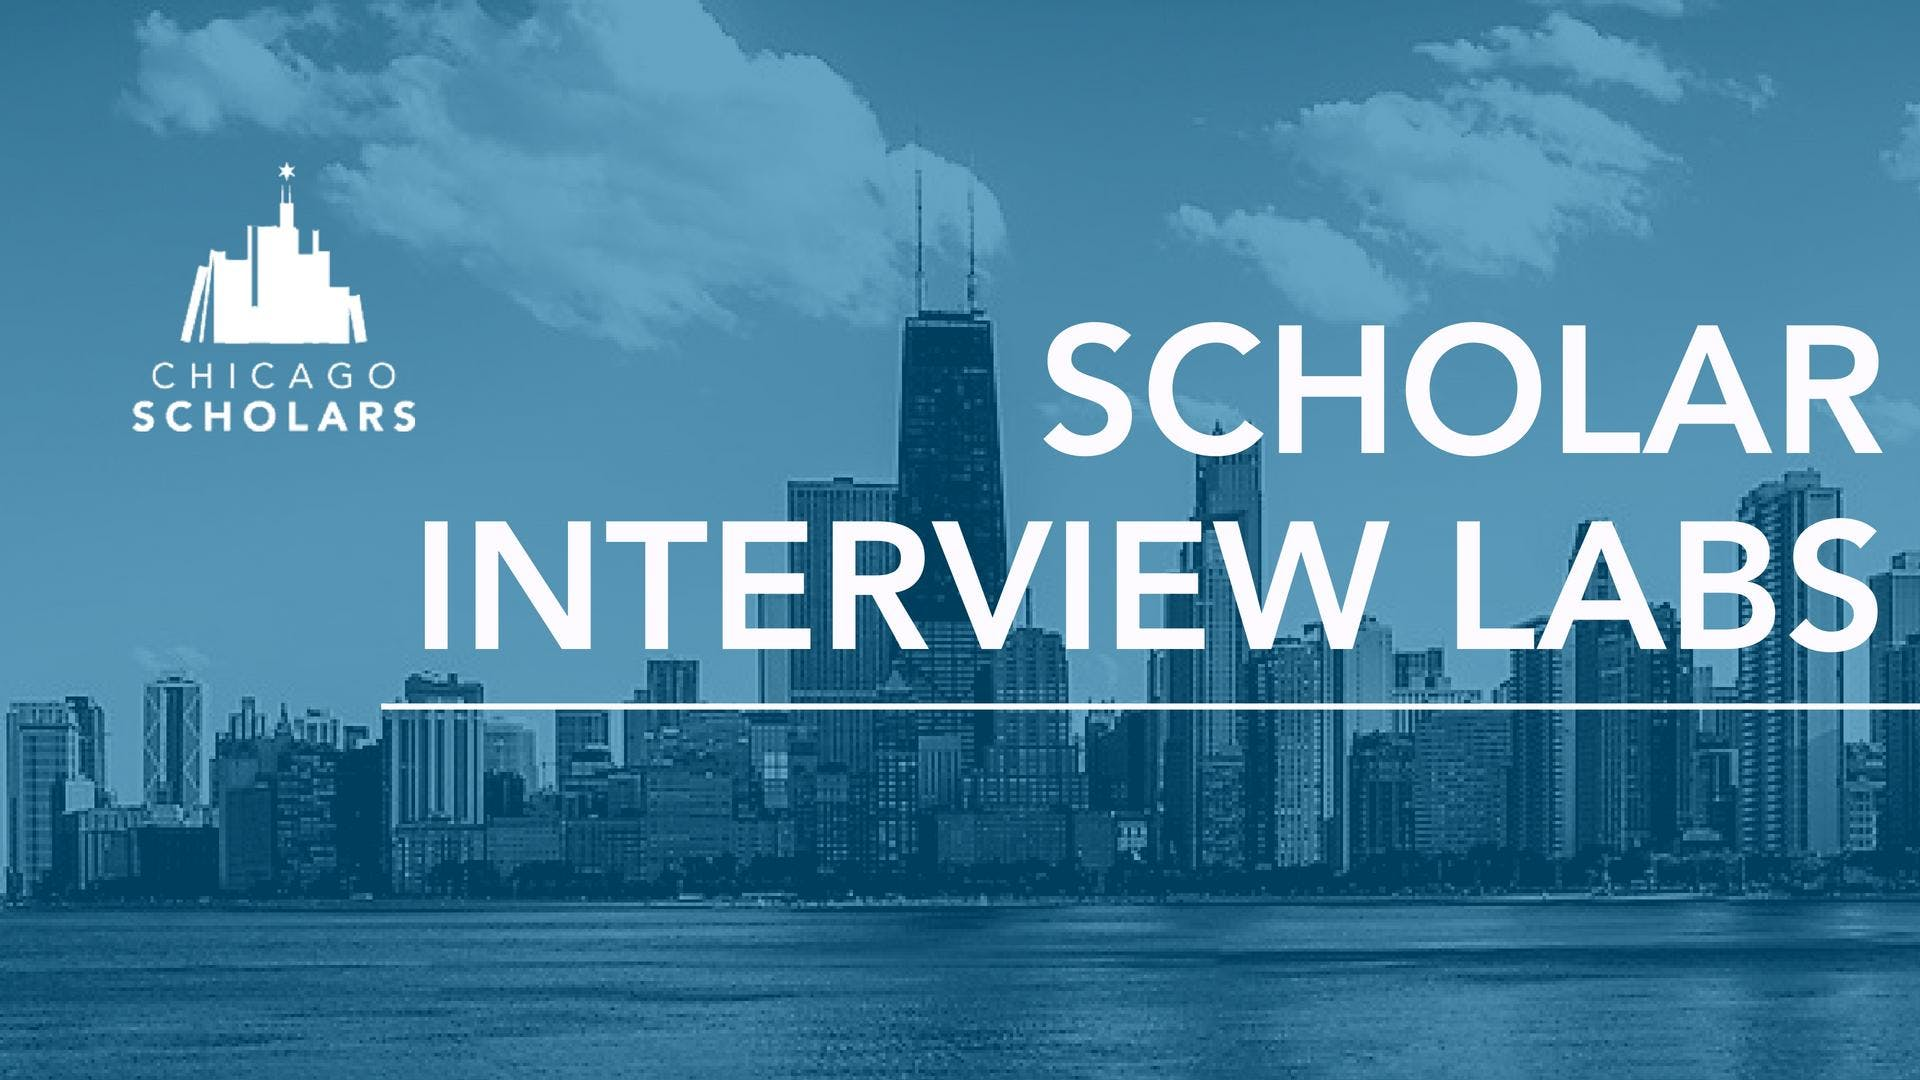 Chicago Scholars Interview Labs 2018 - Volunt